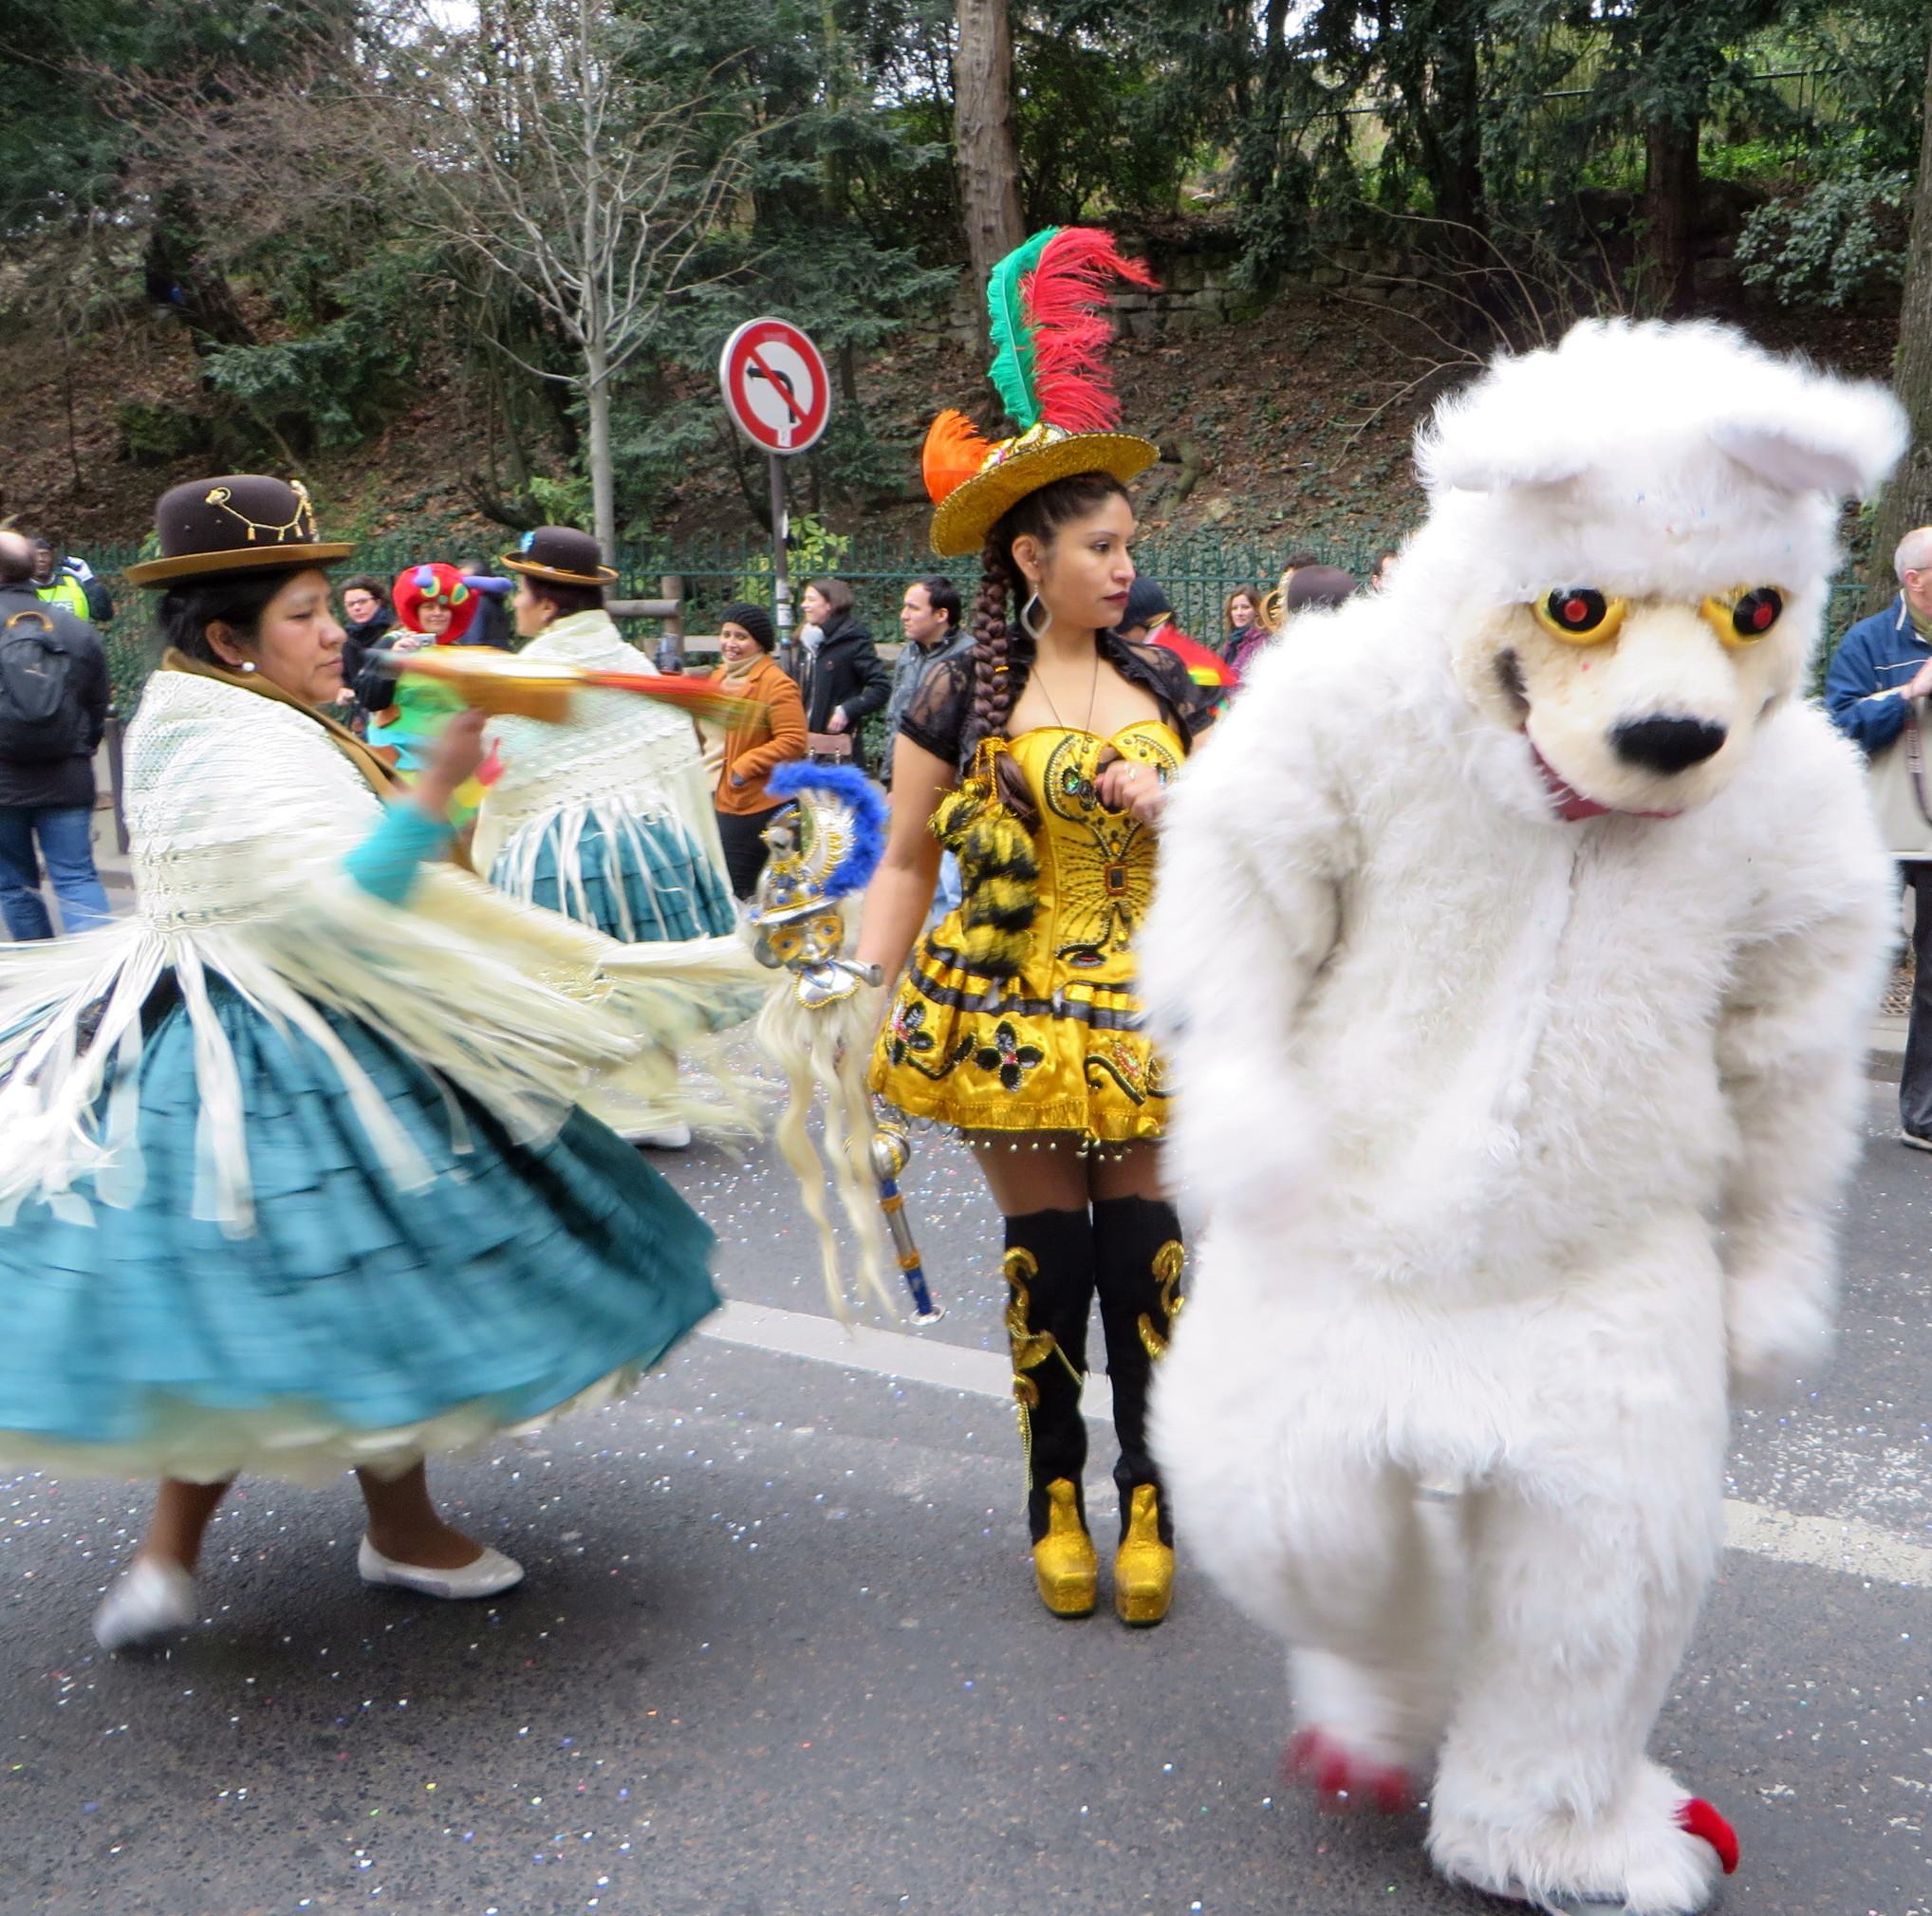 24 photos du carnaval de paris 2017 faites par josette - Carnaval de paris 2017 ...